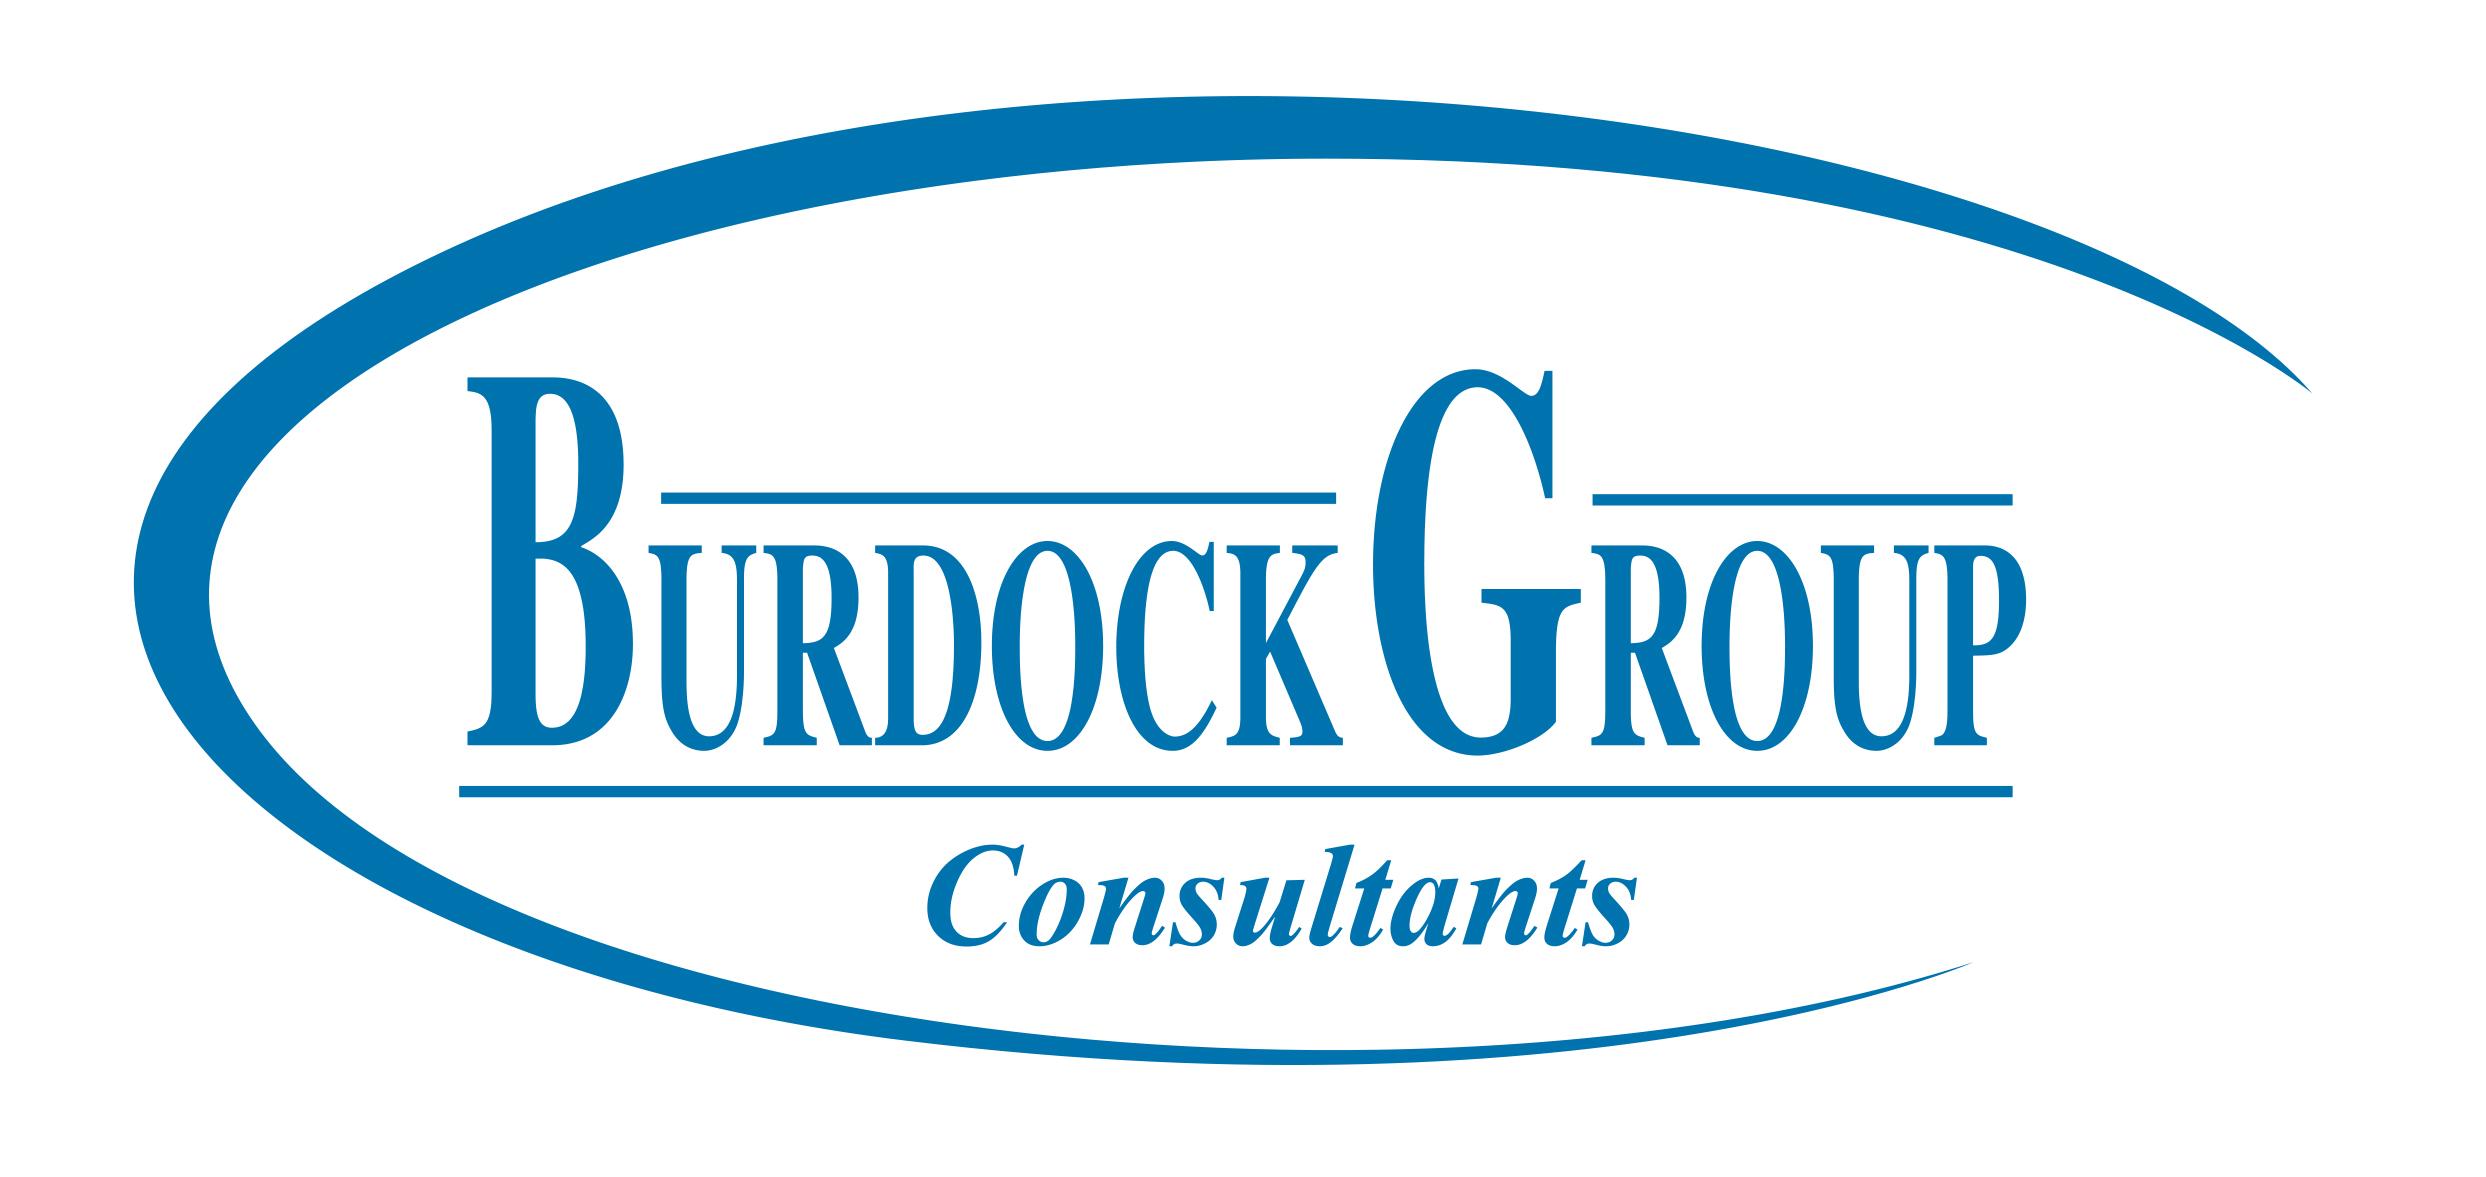 Burdock Group